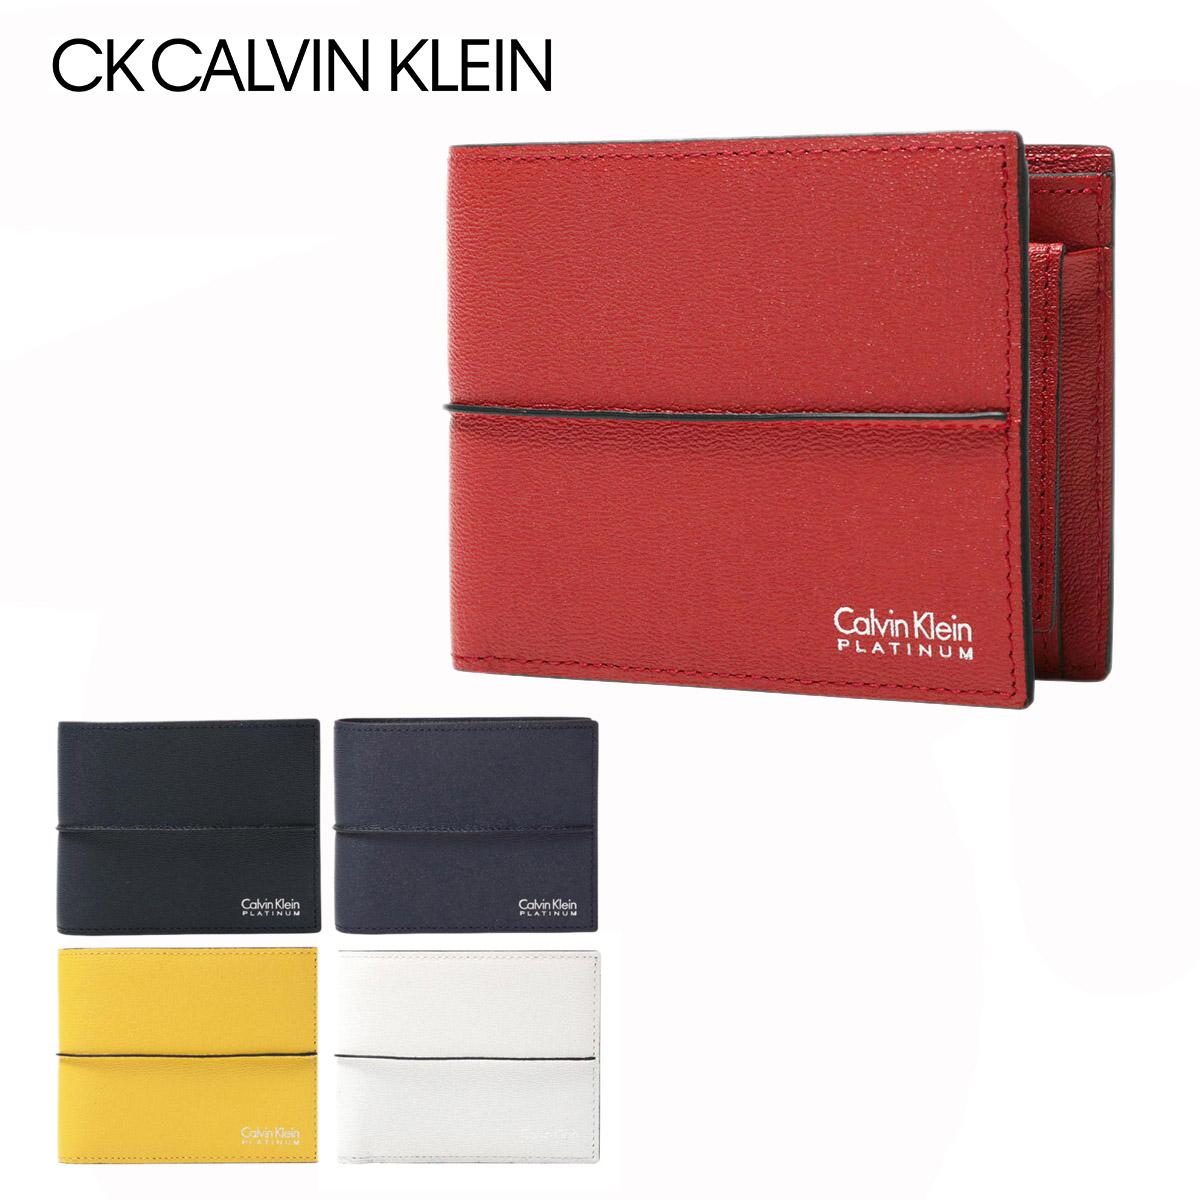 シーケーカルバンクライン 二つ折り財布 メンズ スパイン 819603 CK CALVIN KLEIN 財布 牛革 本革 レザー ブランド専用BOX付き【PO5】